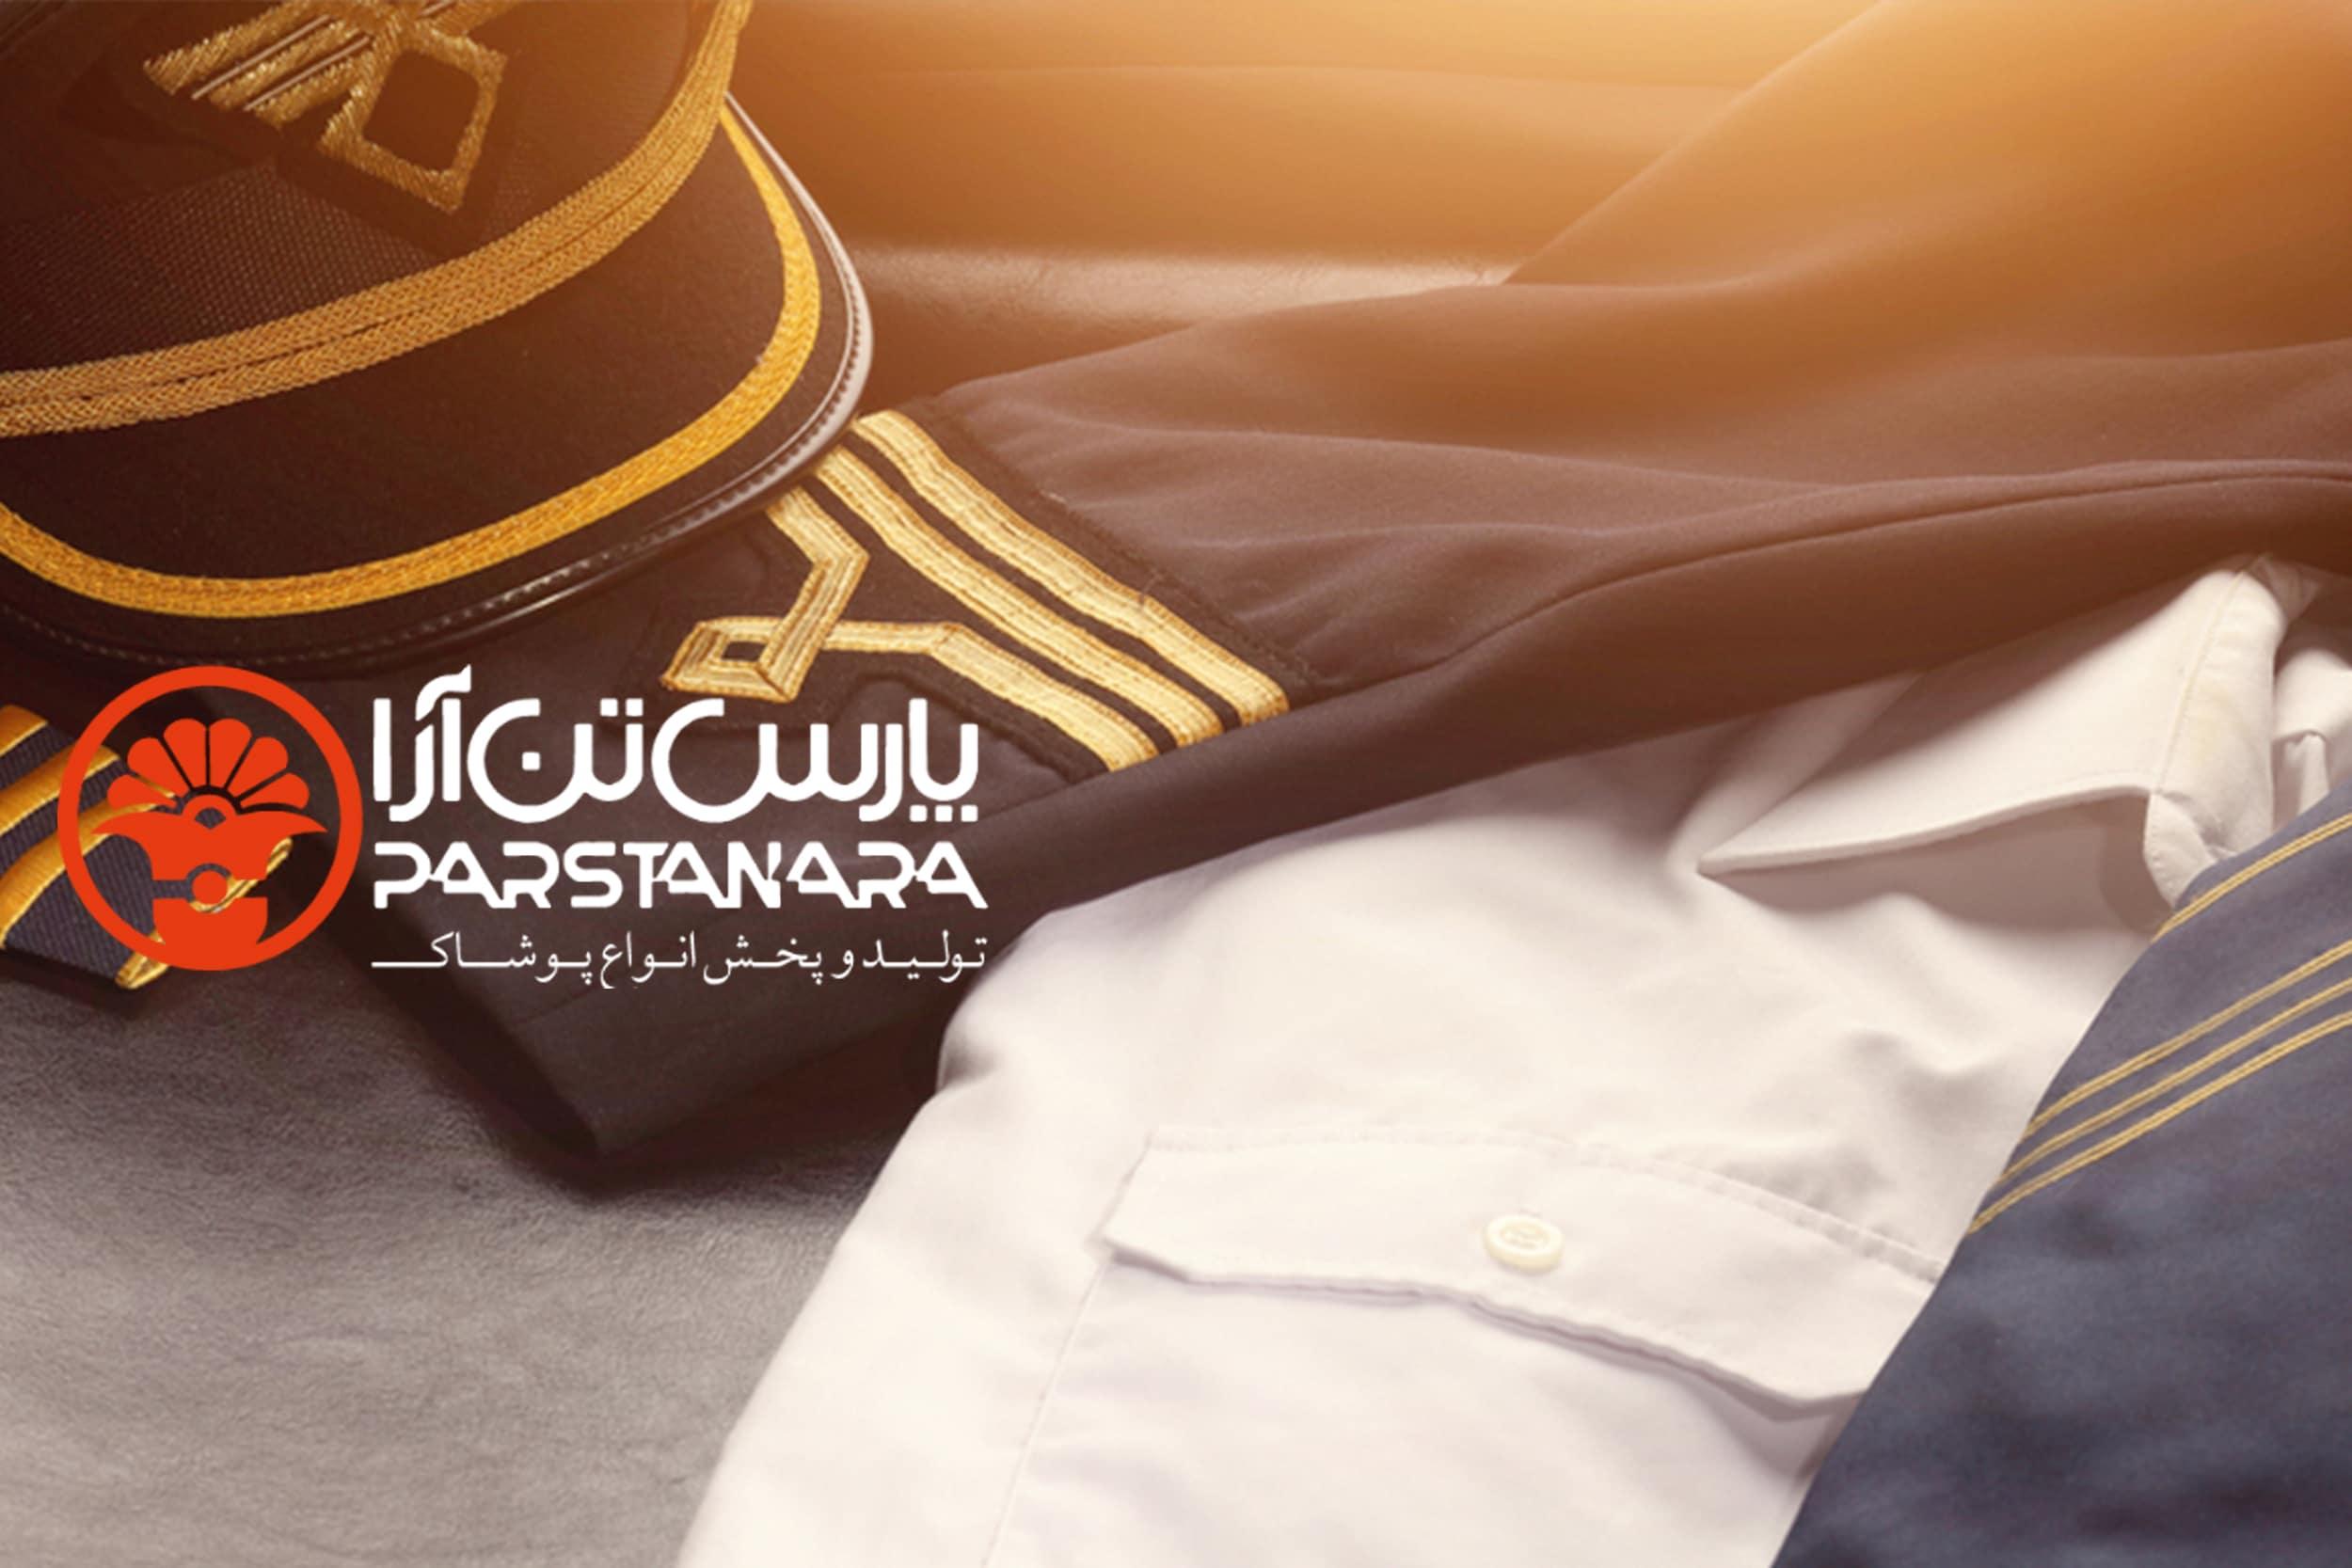 لباس فرم هواپیمایی و اهمیت استفاده از آن